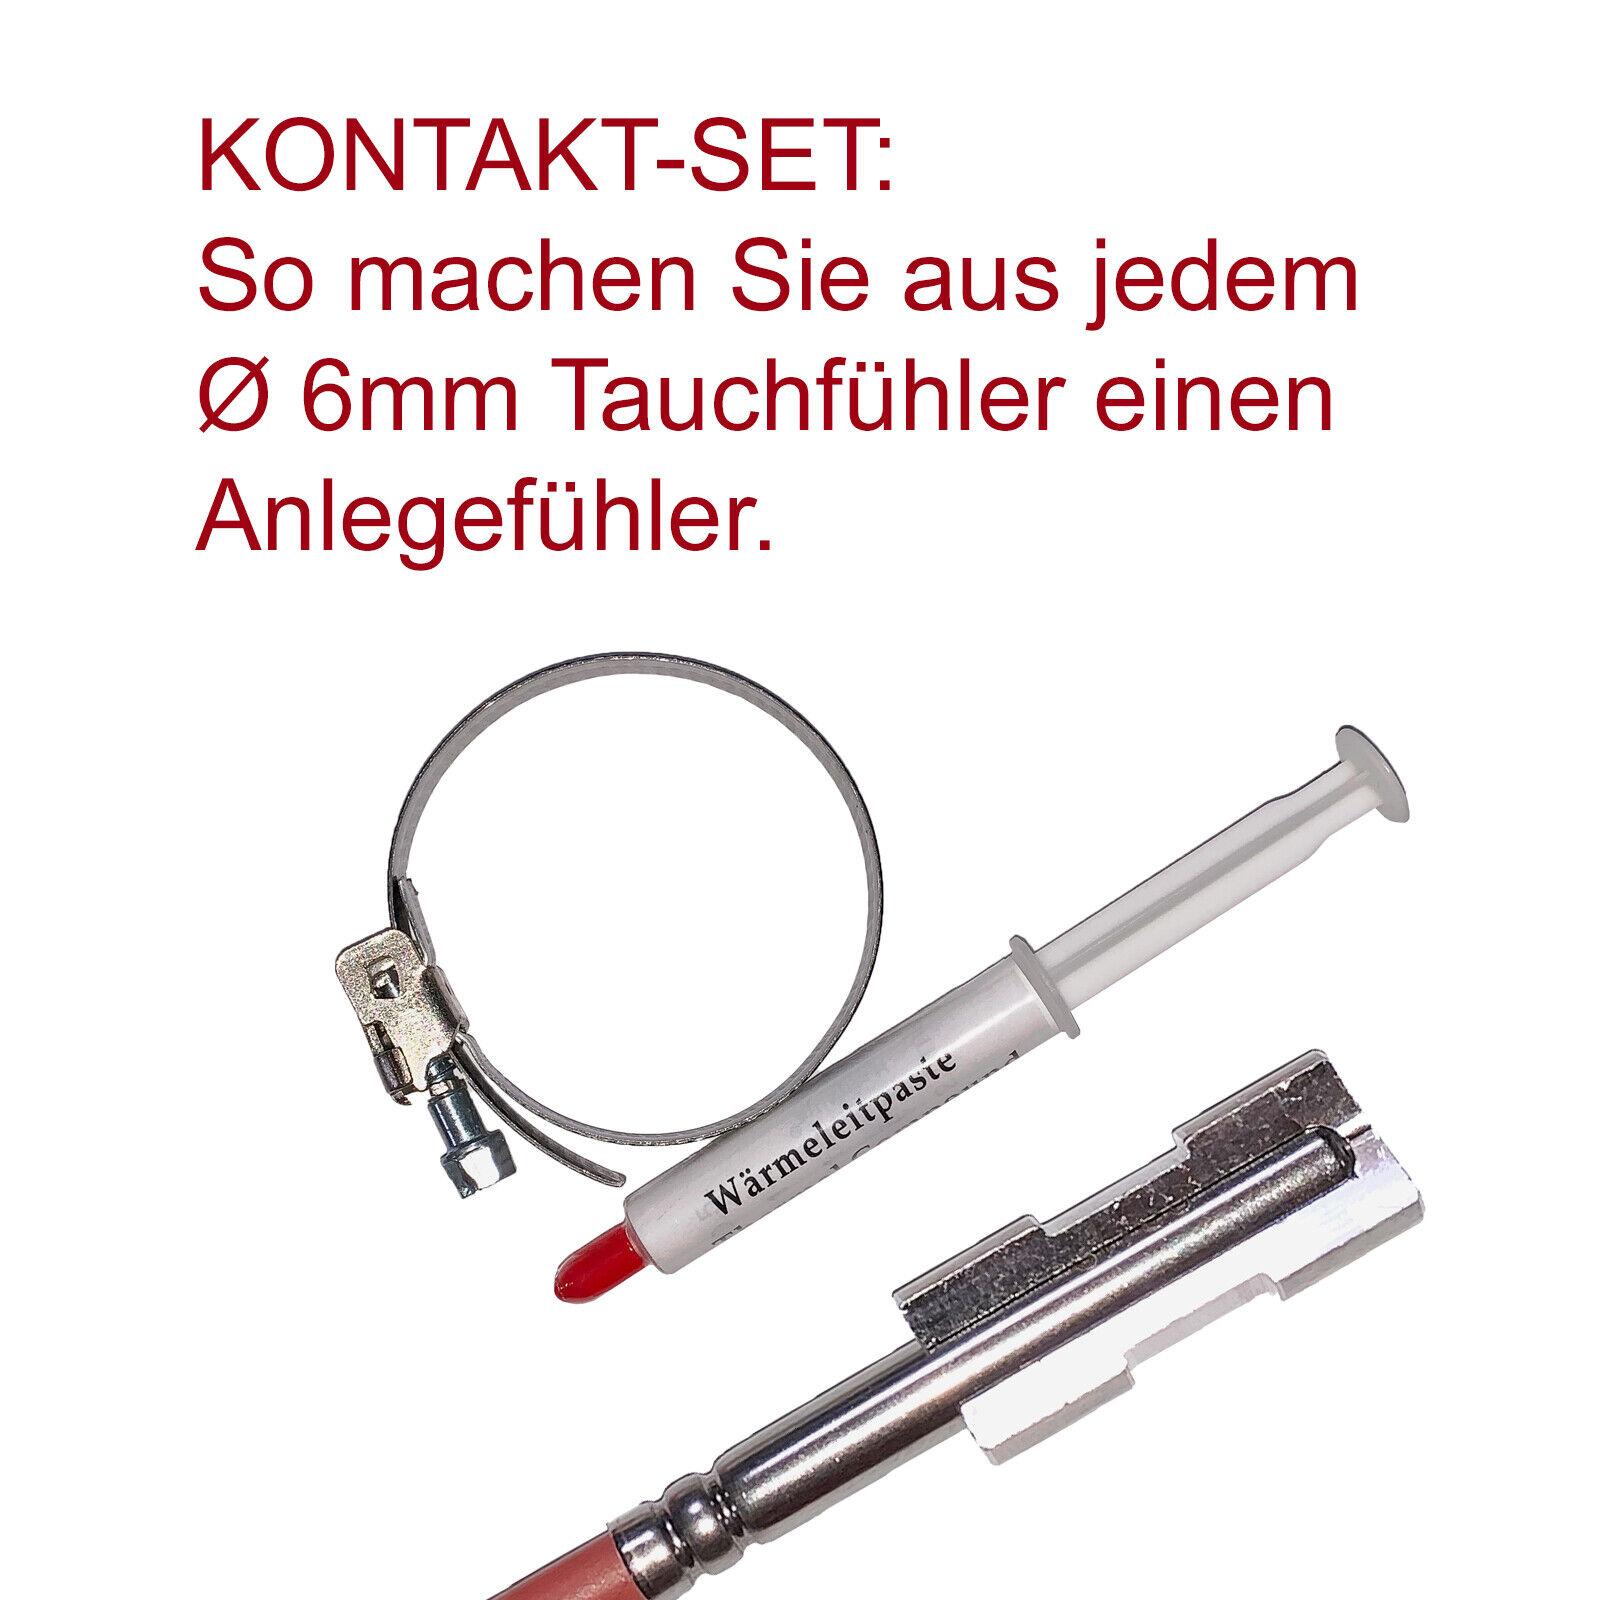 Anlegeset für Tauchfühler 6mm, Anlegefühler Rohranlegefühler Oberflächen Fühler